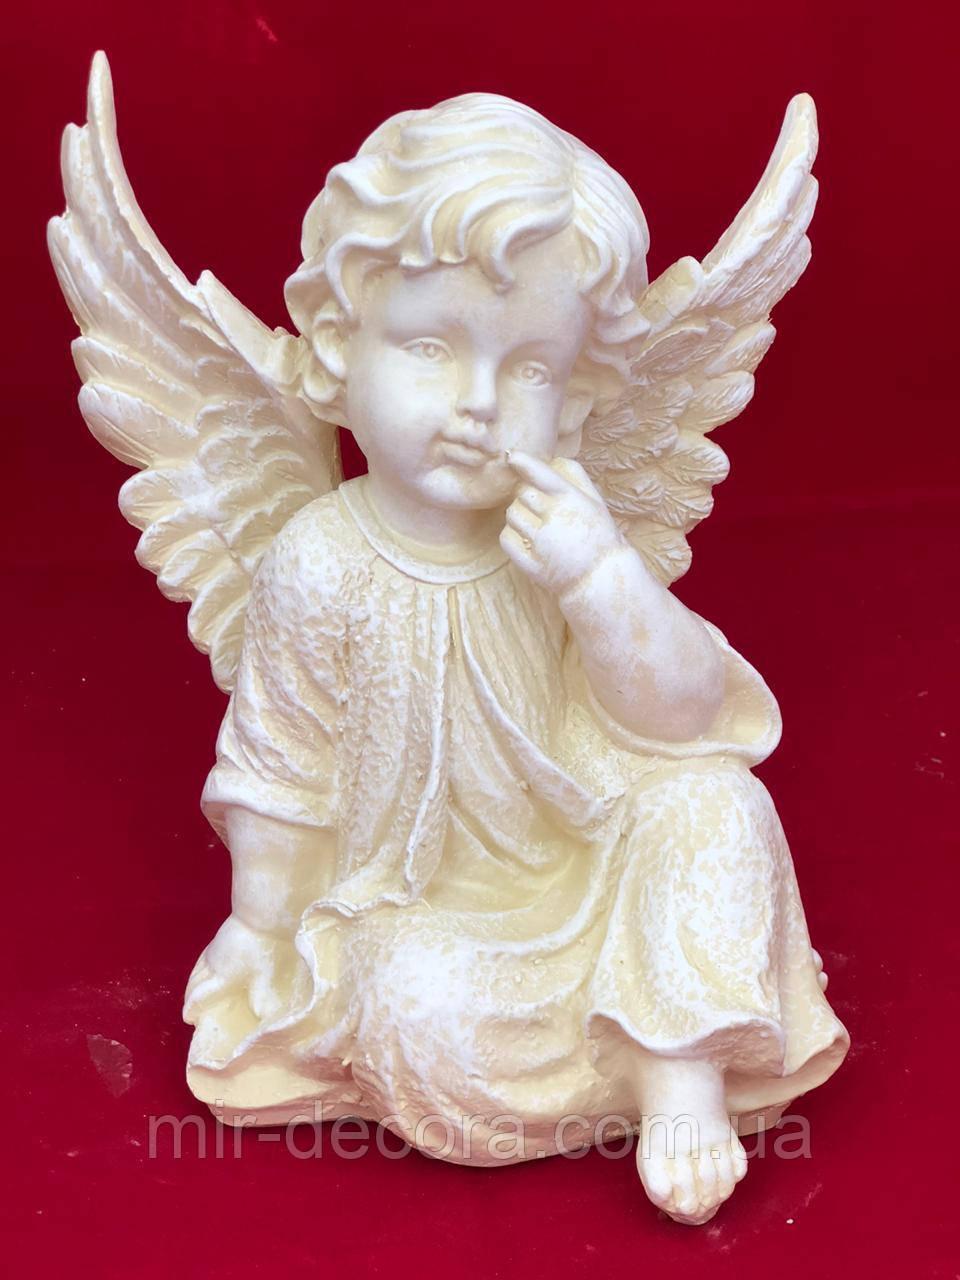 Статуэтка Ангел Крылатик сидячий, слонов кость, 24 см